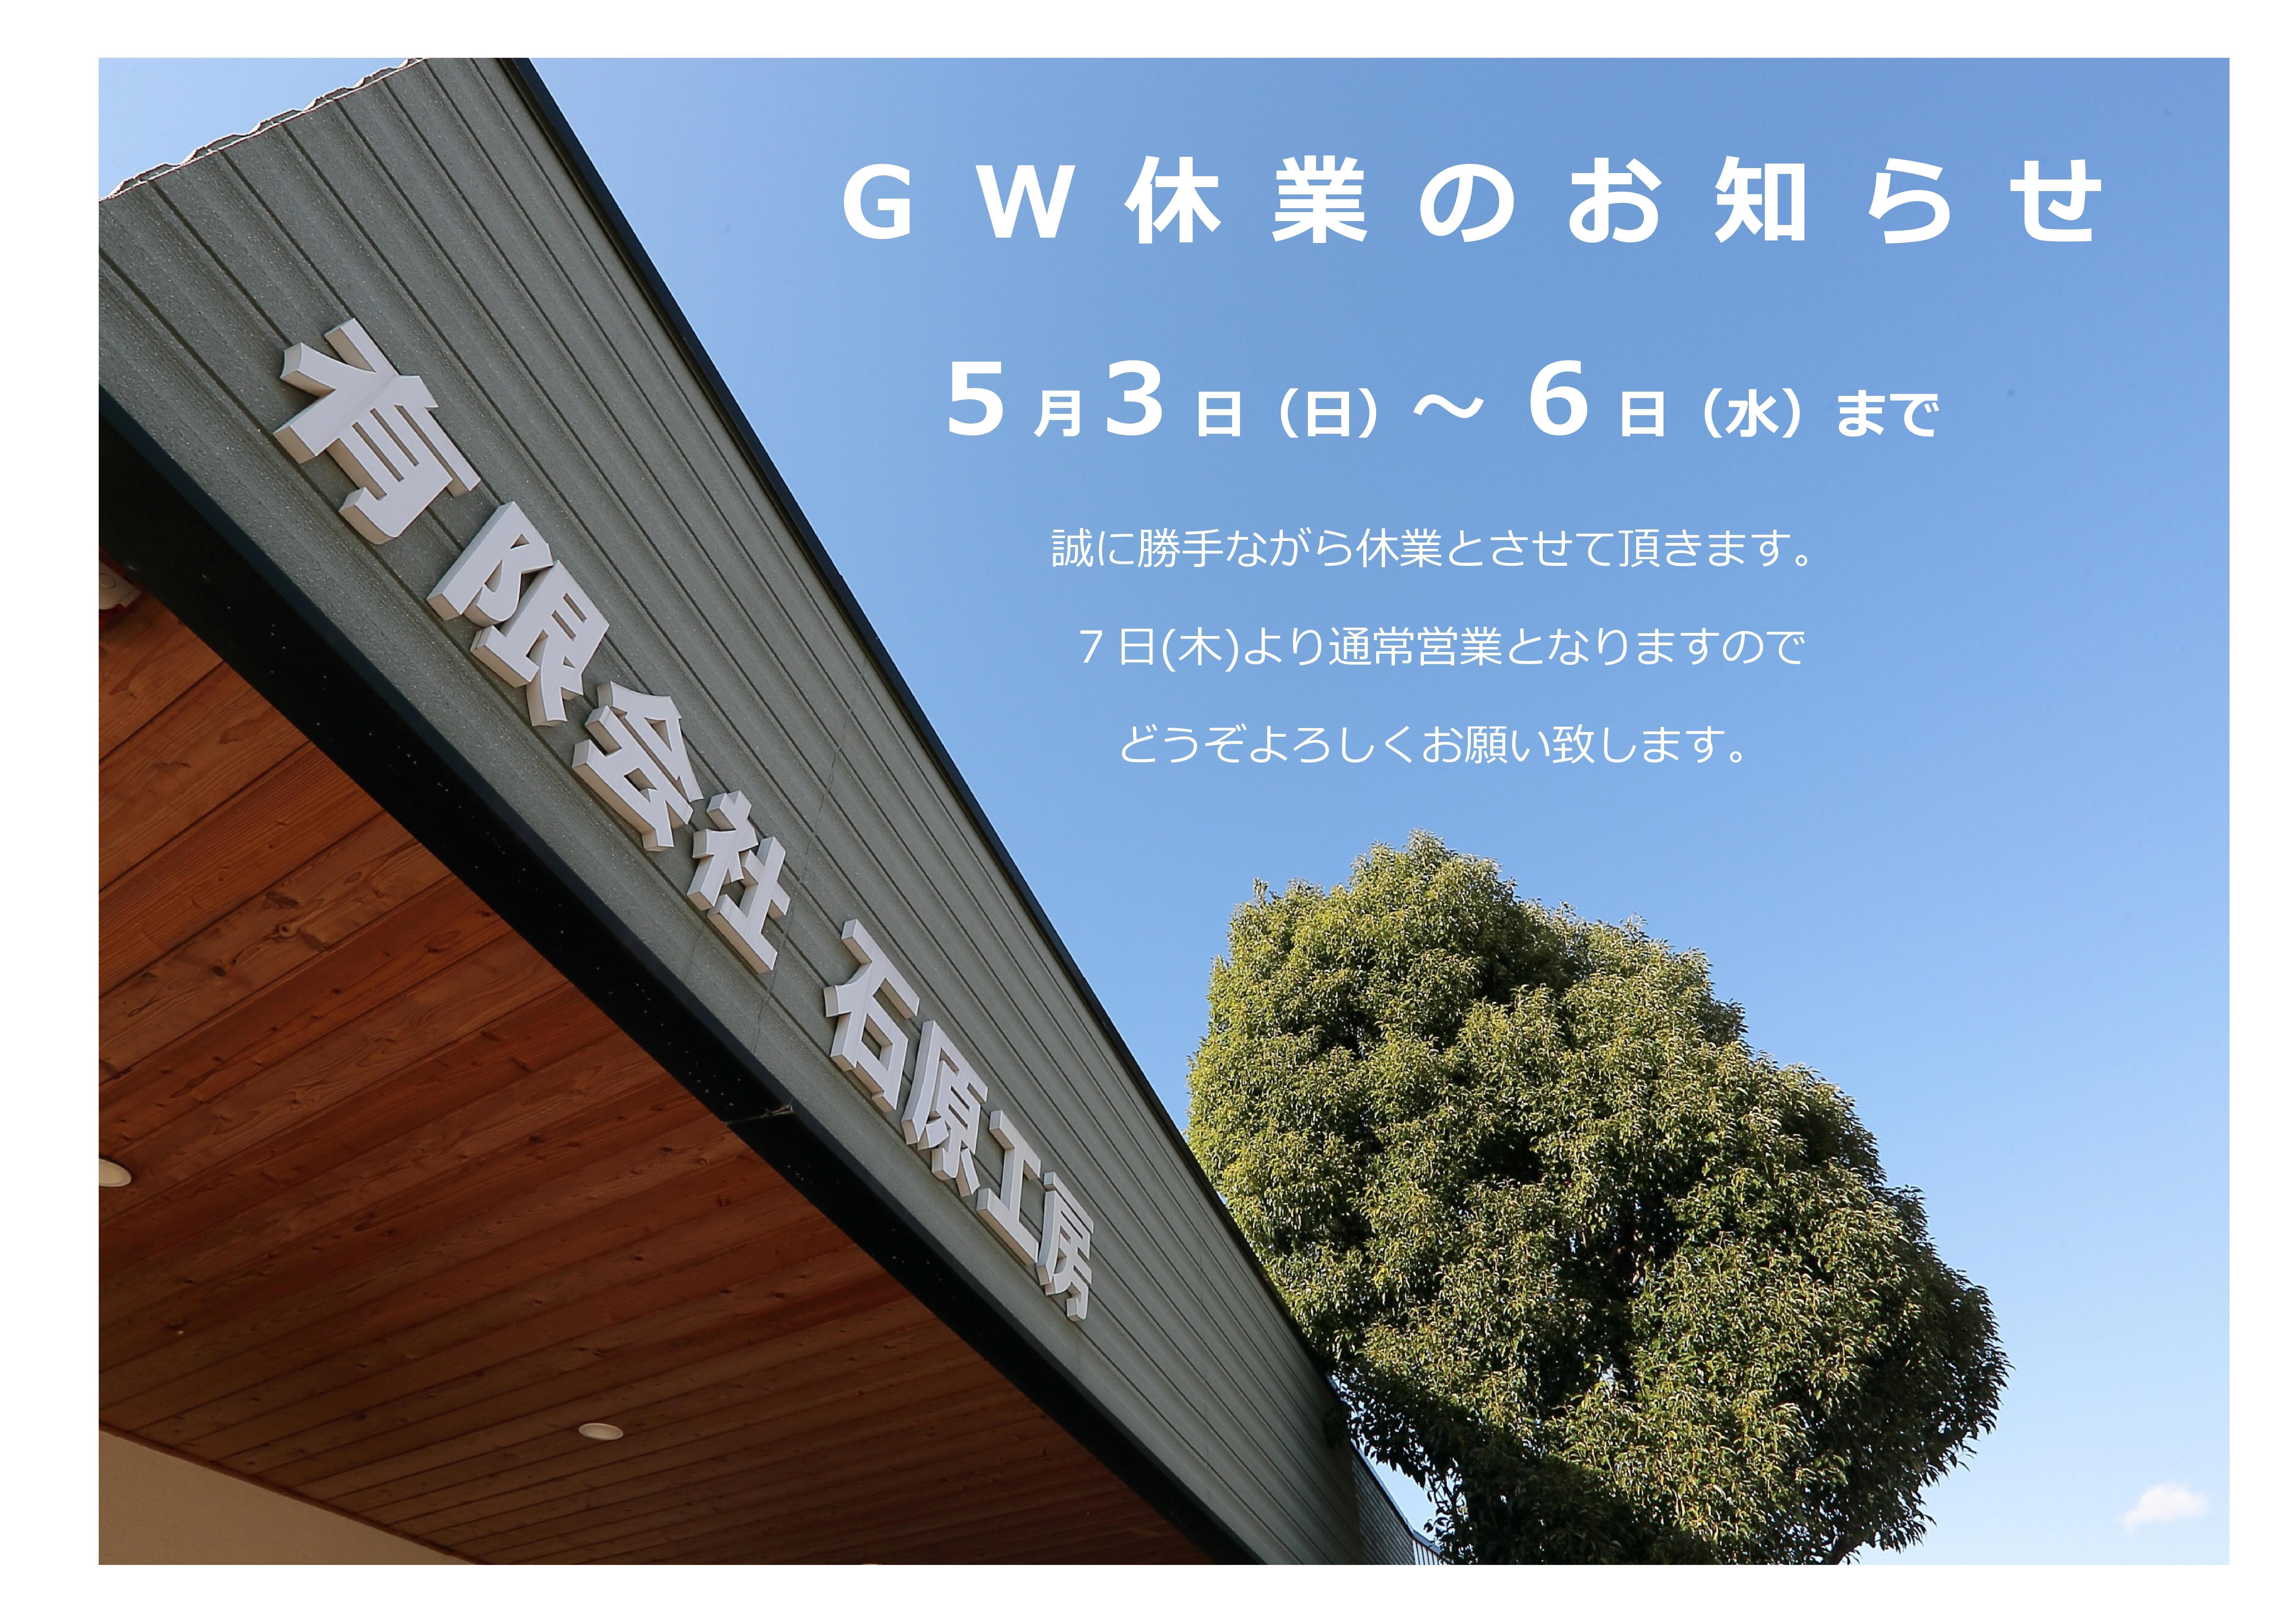 Microsoft Word - GW休業2020.jpg